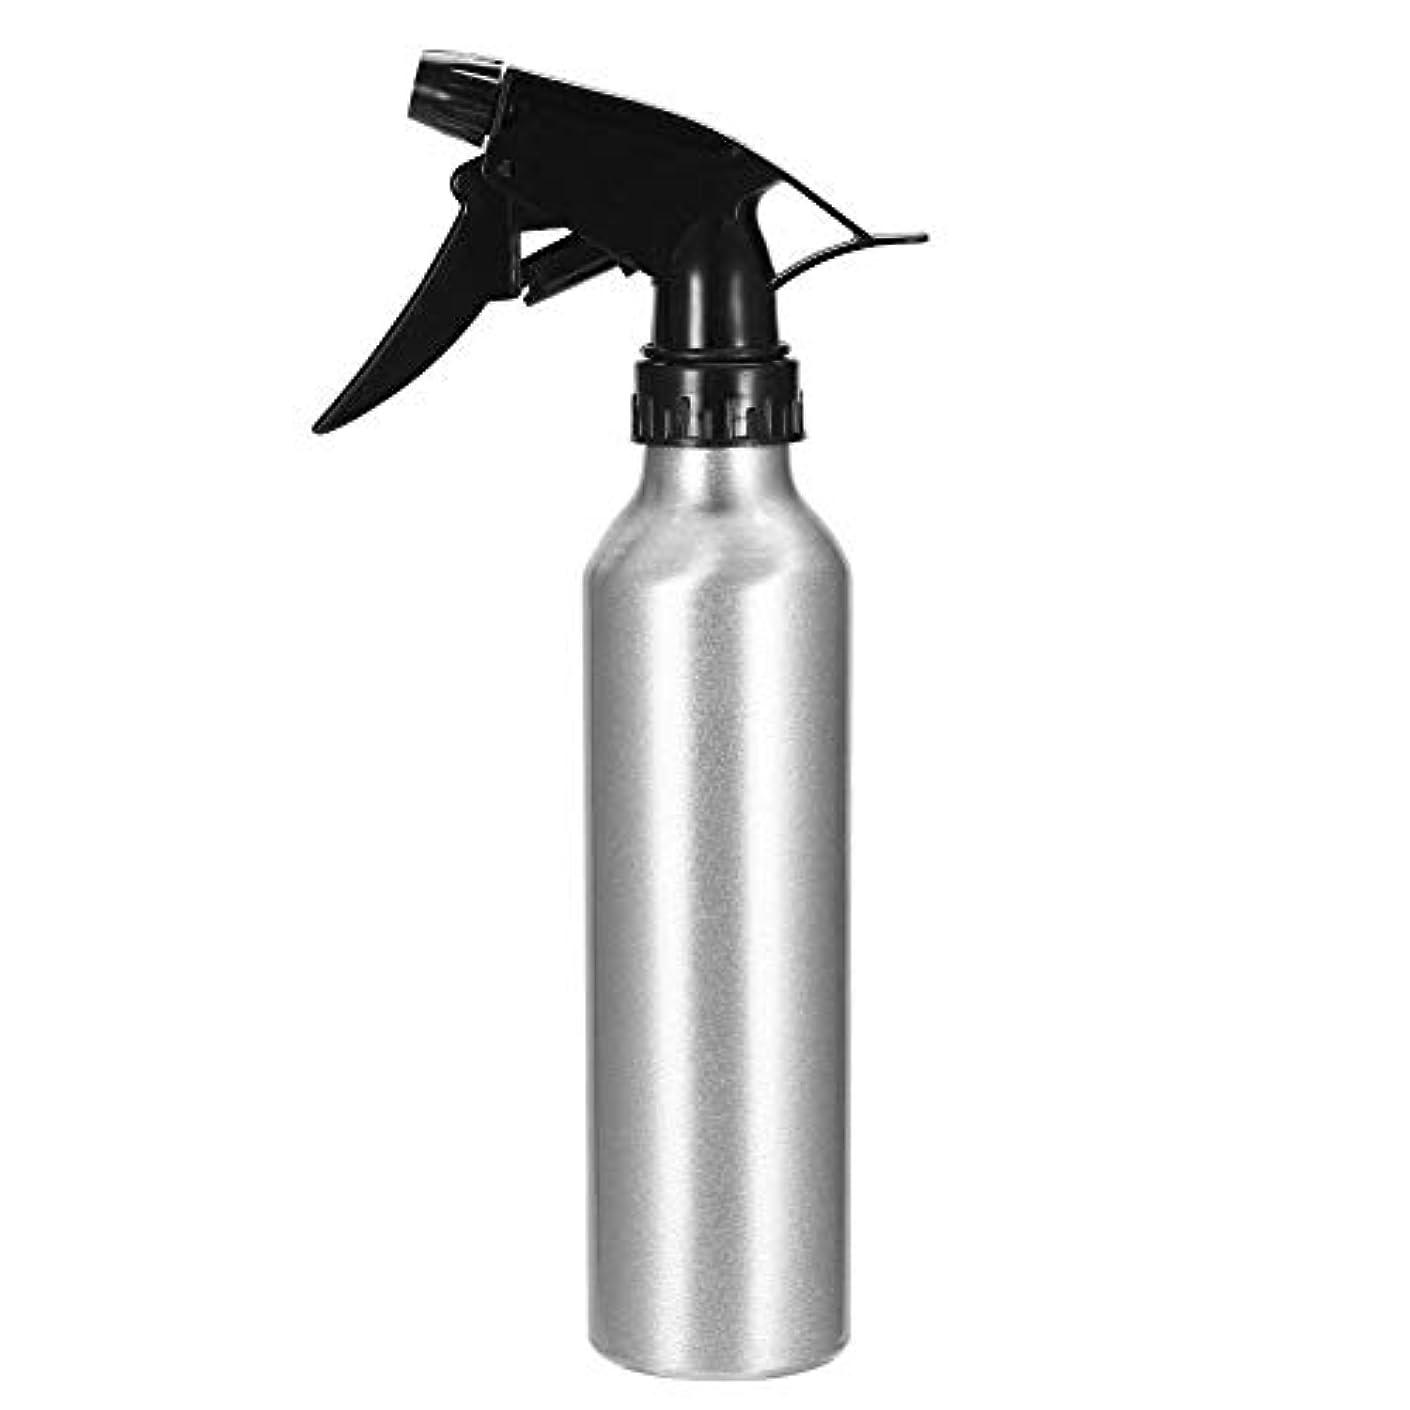 乱す肉甘味Pichidr-JP アルミスプレーボトルシルバートリガーエンプティタトゥーエッセンシャルオイルスプレー用サロン理容美容院植物クリーニング